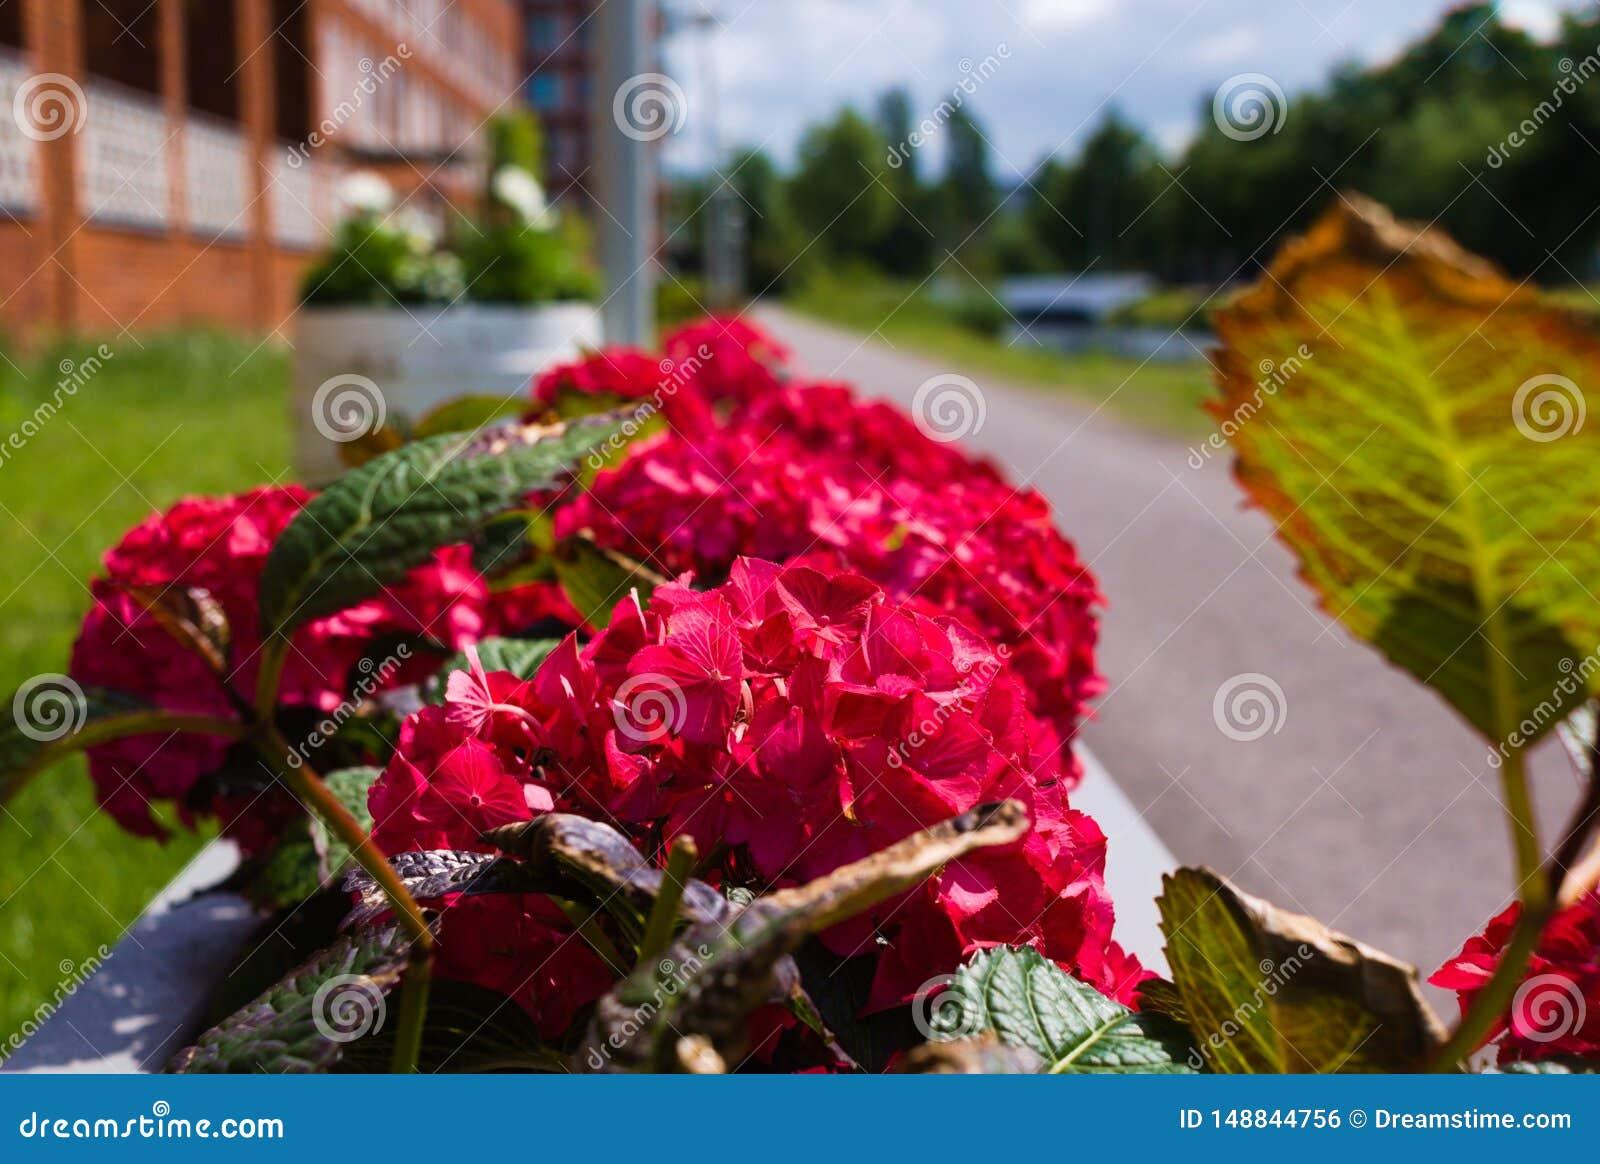 Primero floraci?n de flores en el verano